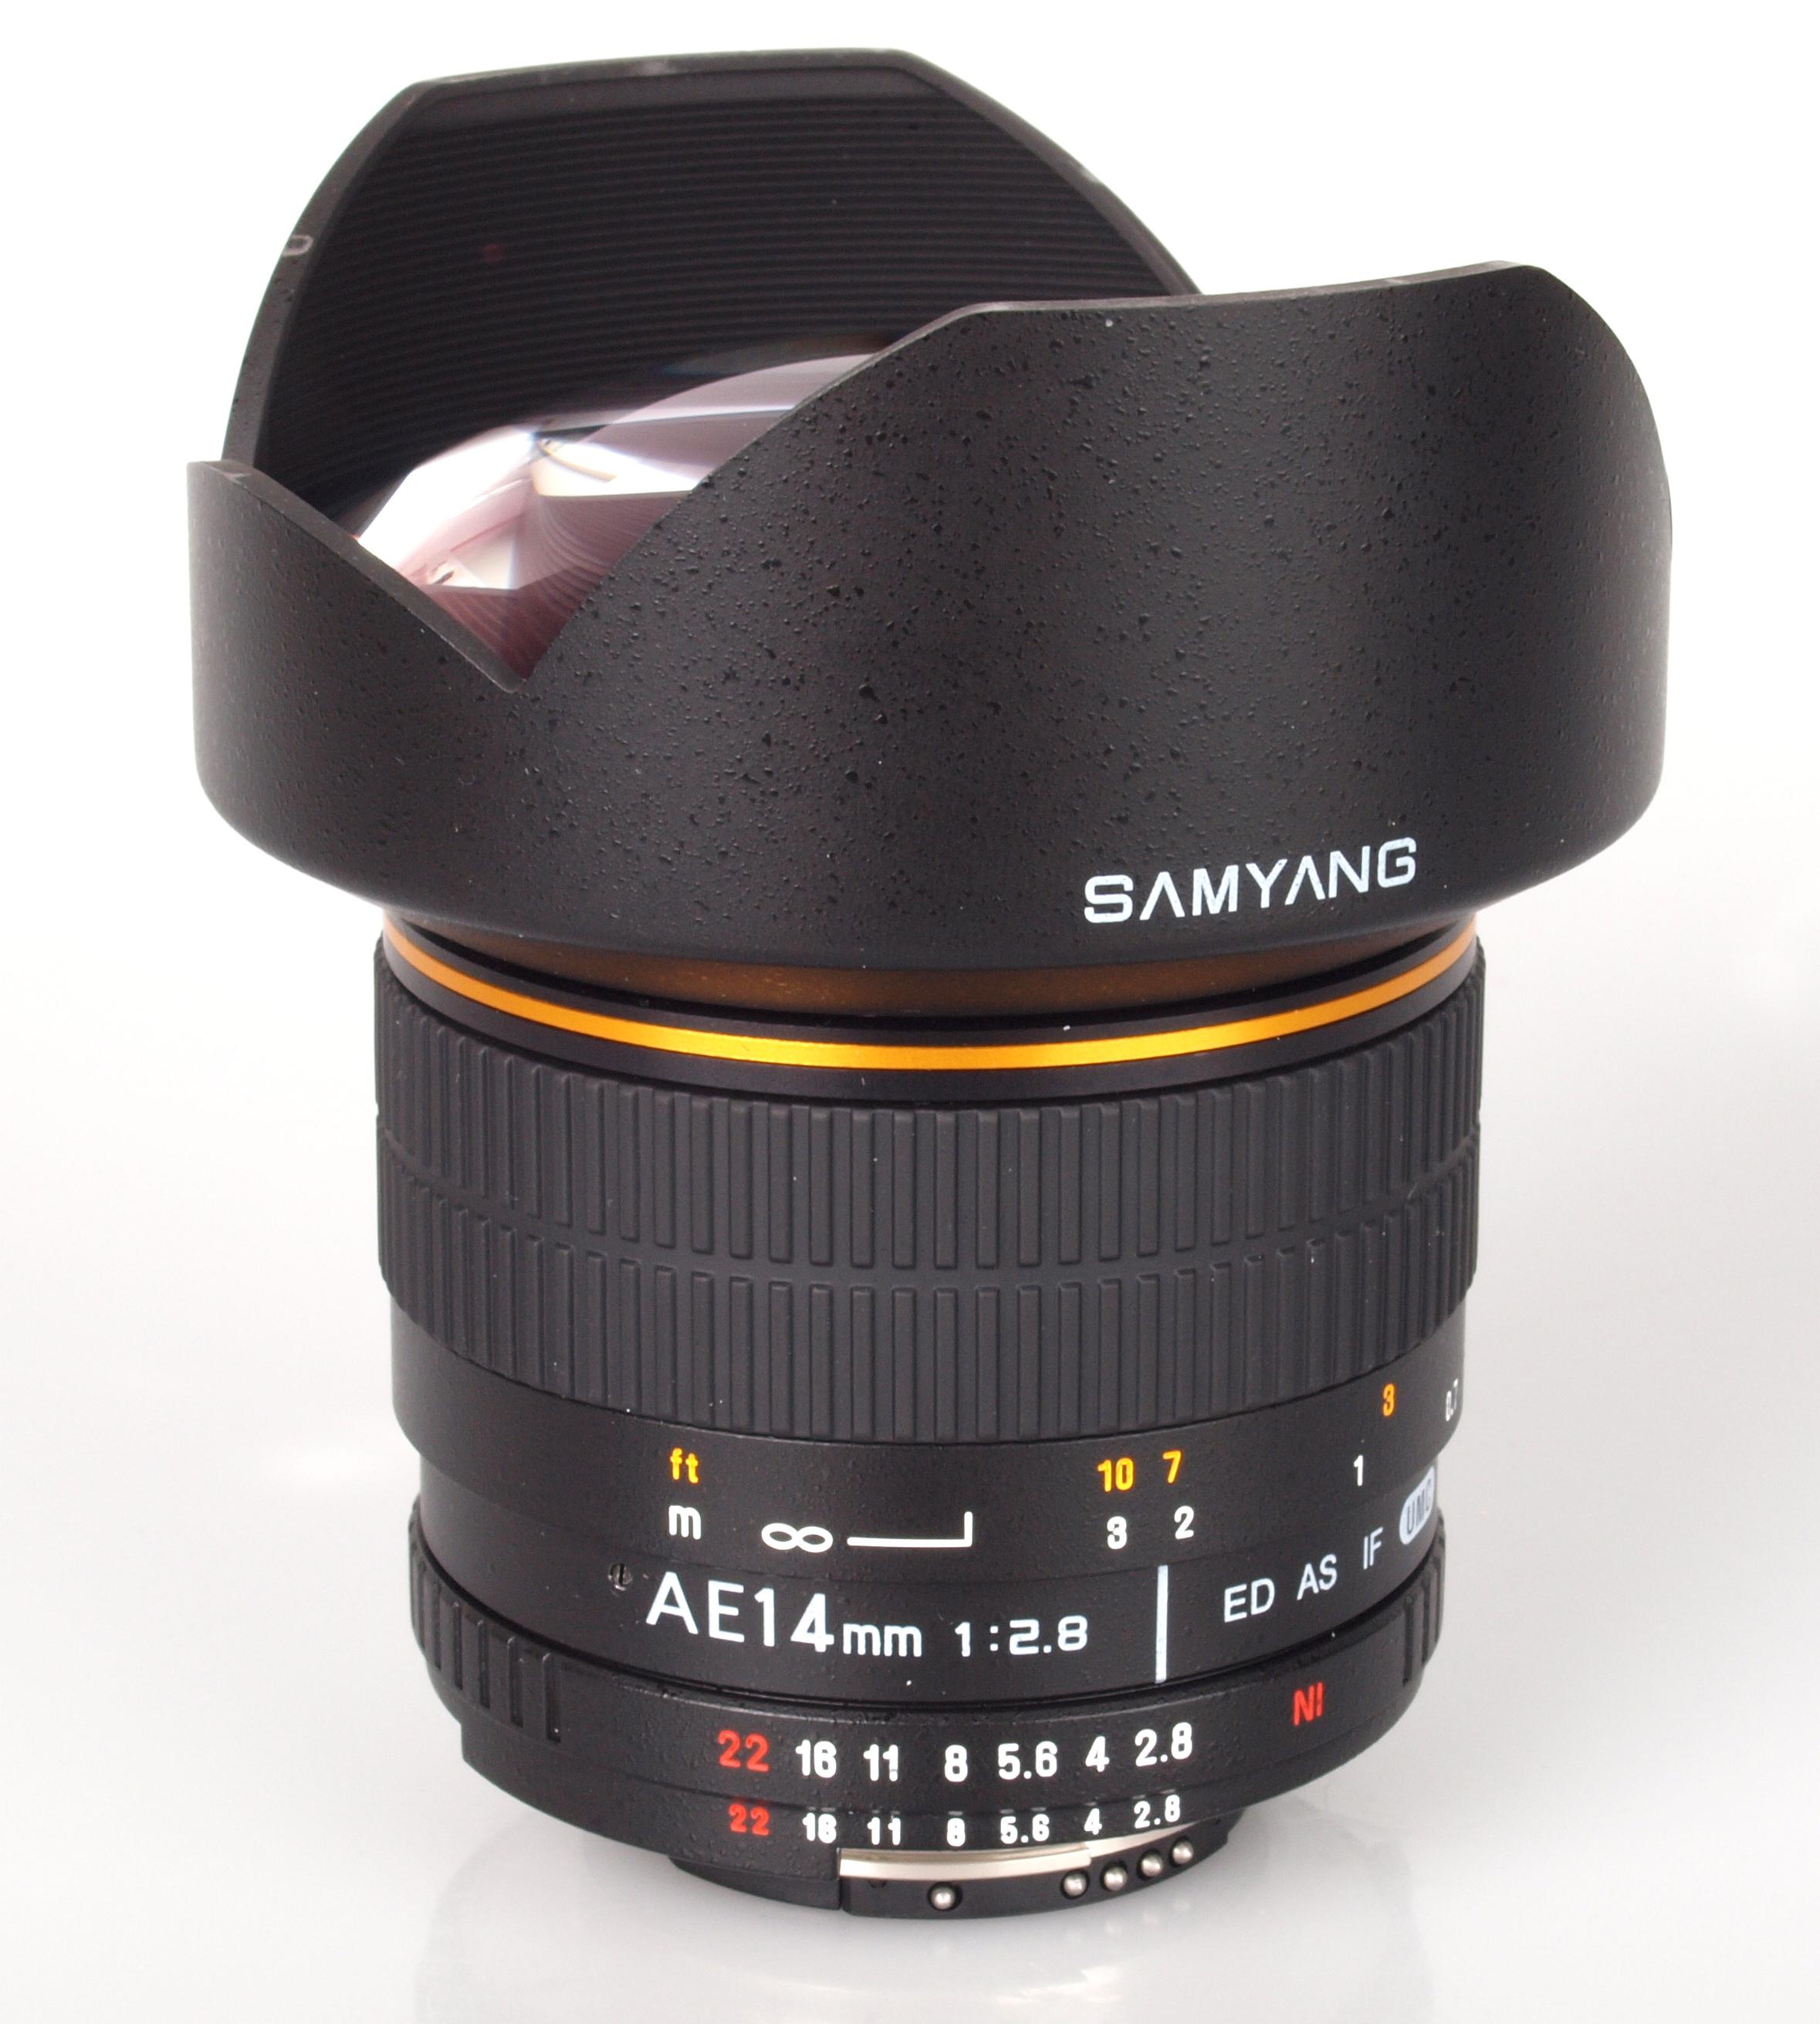 Samyang 14mm f/2 8 ED AS IF UMC Lens Review | ePHOTOzine